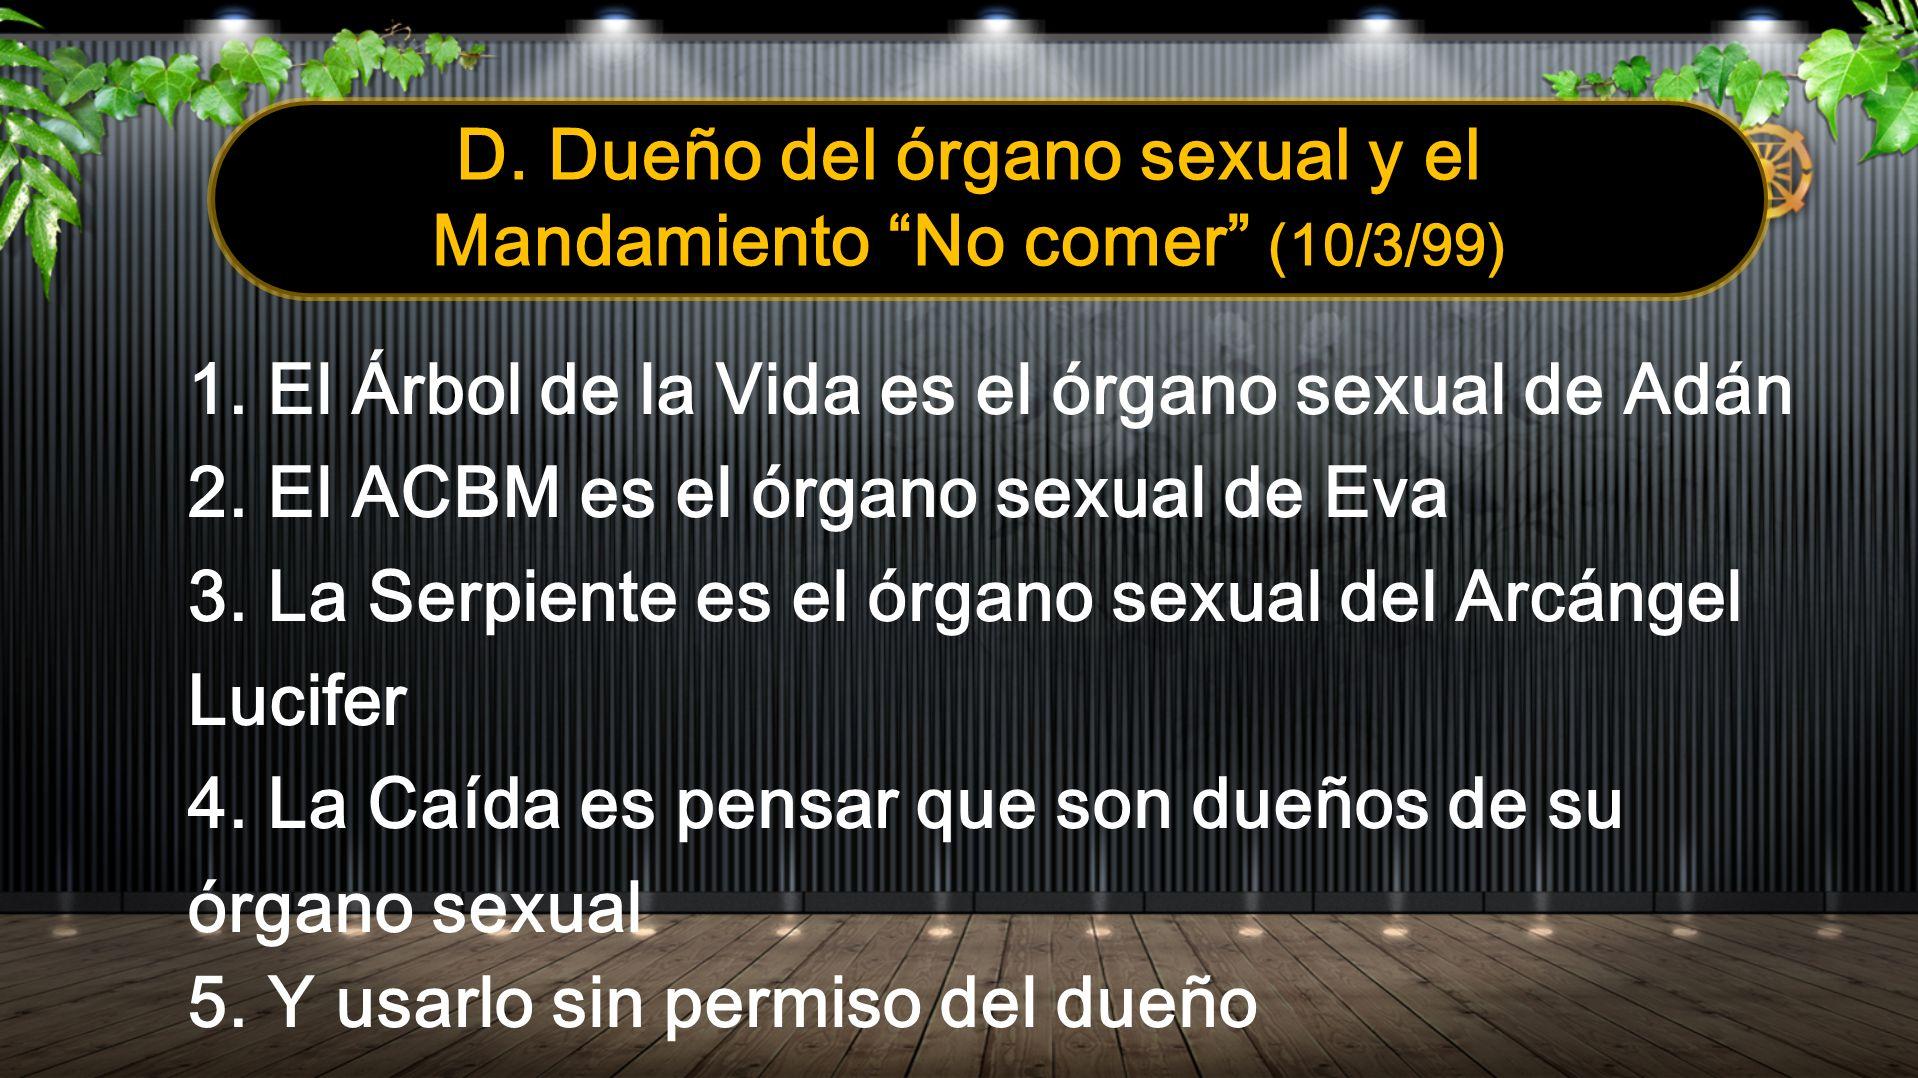 D. Dueño del órgano sexual y el Mandamiento No comer (10/3/99) 1. El Árbol de la Vida es el órgano sexual de Adán 2. El ACBM es el órgano sexual de Ev